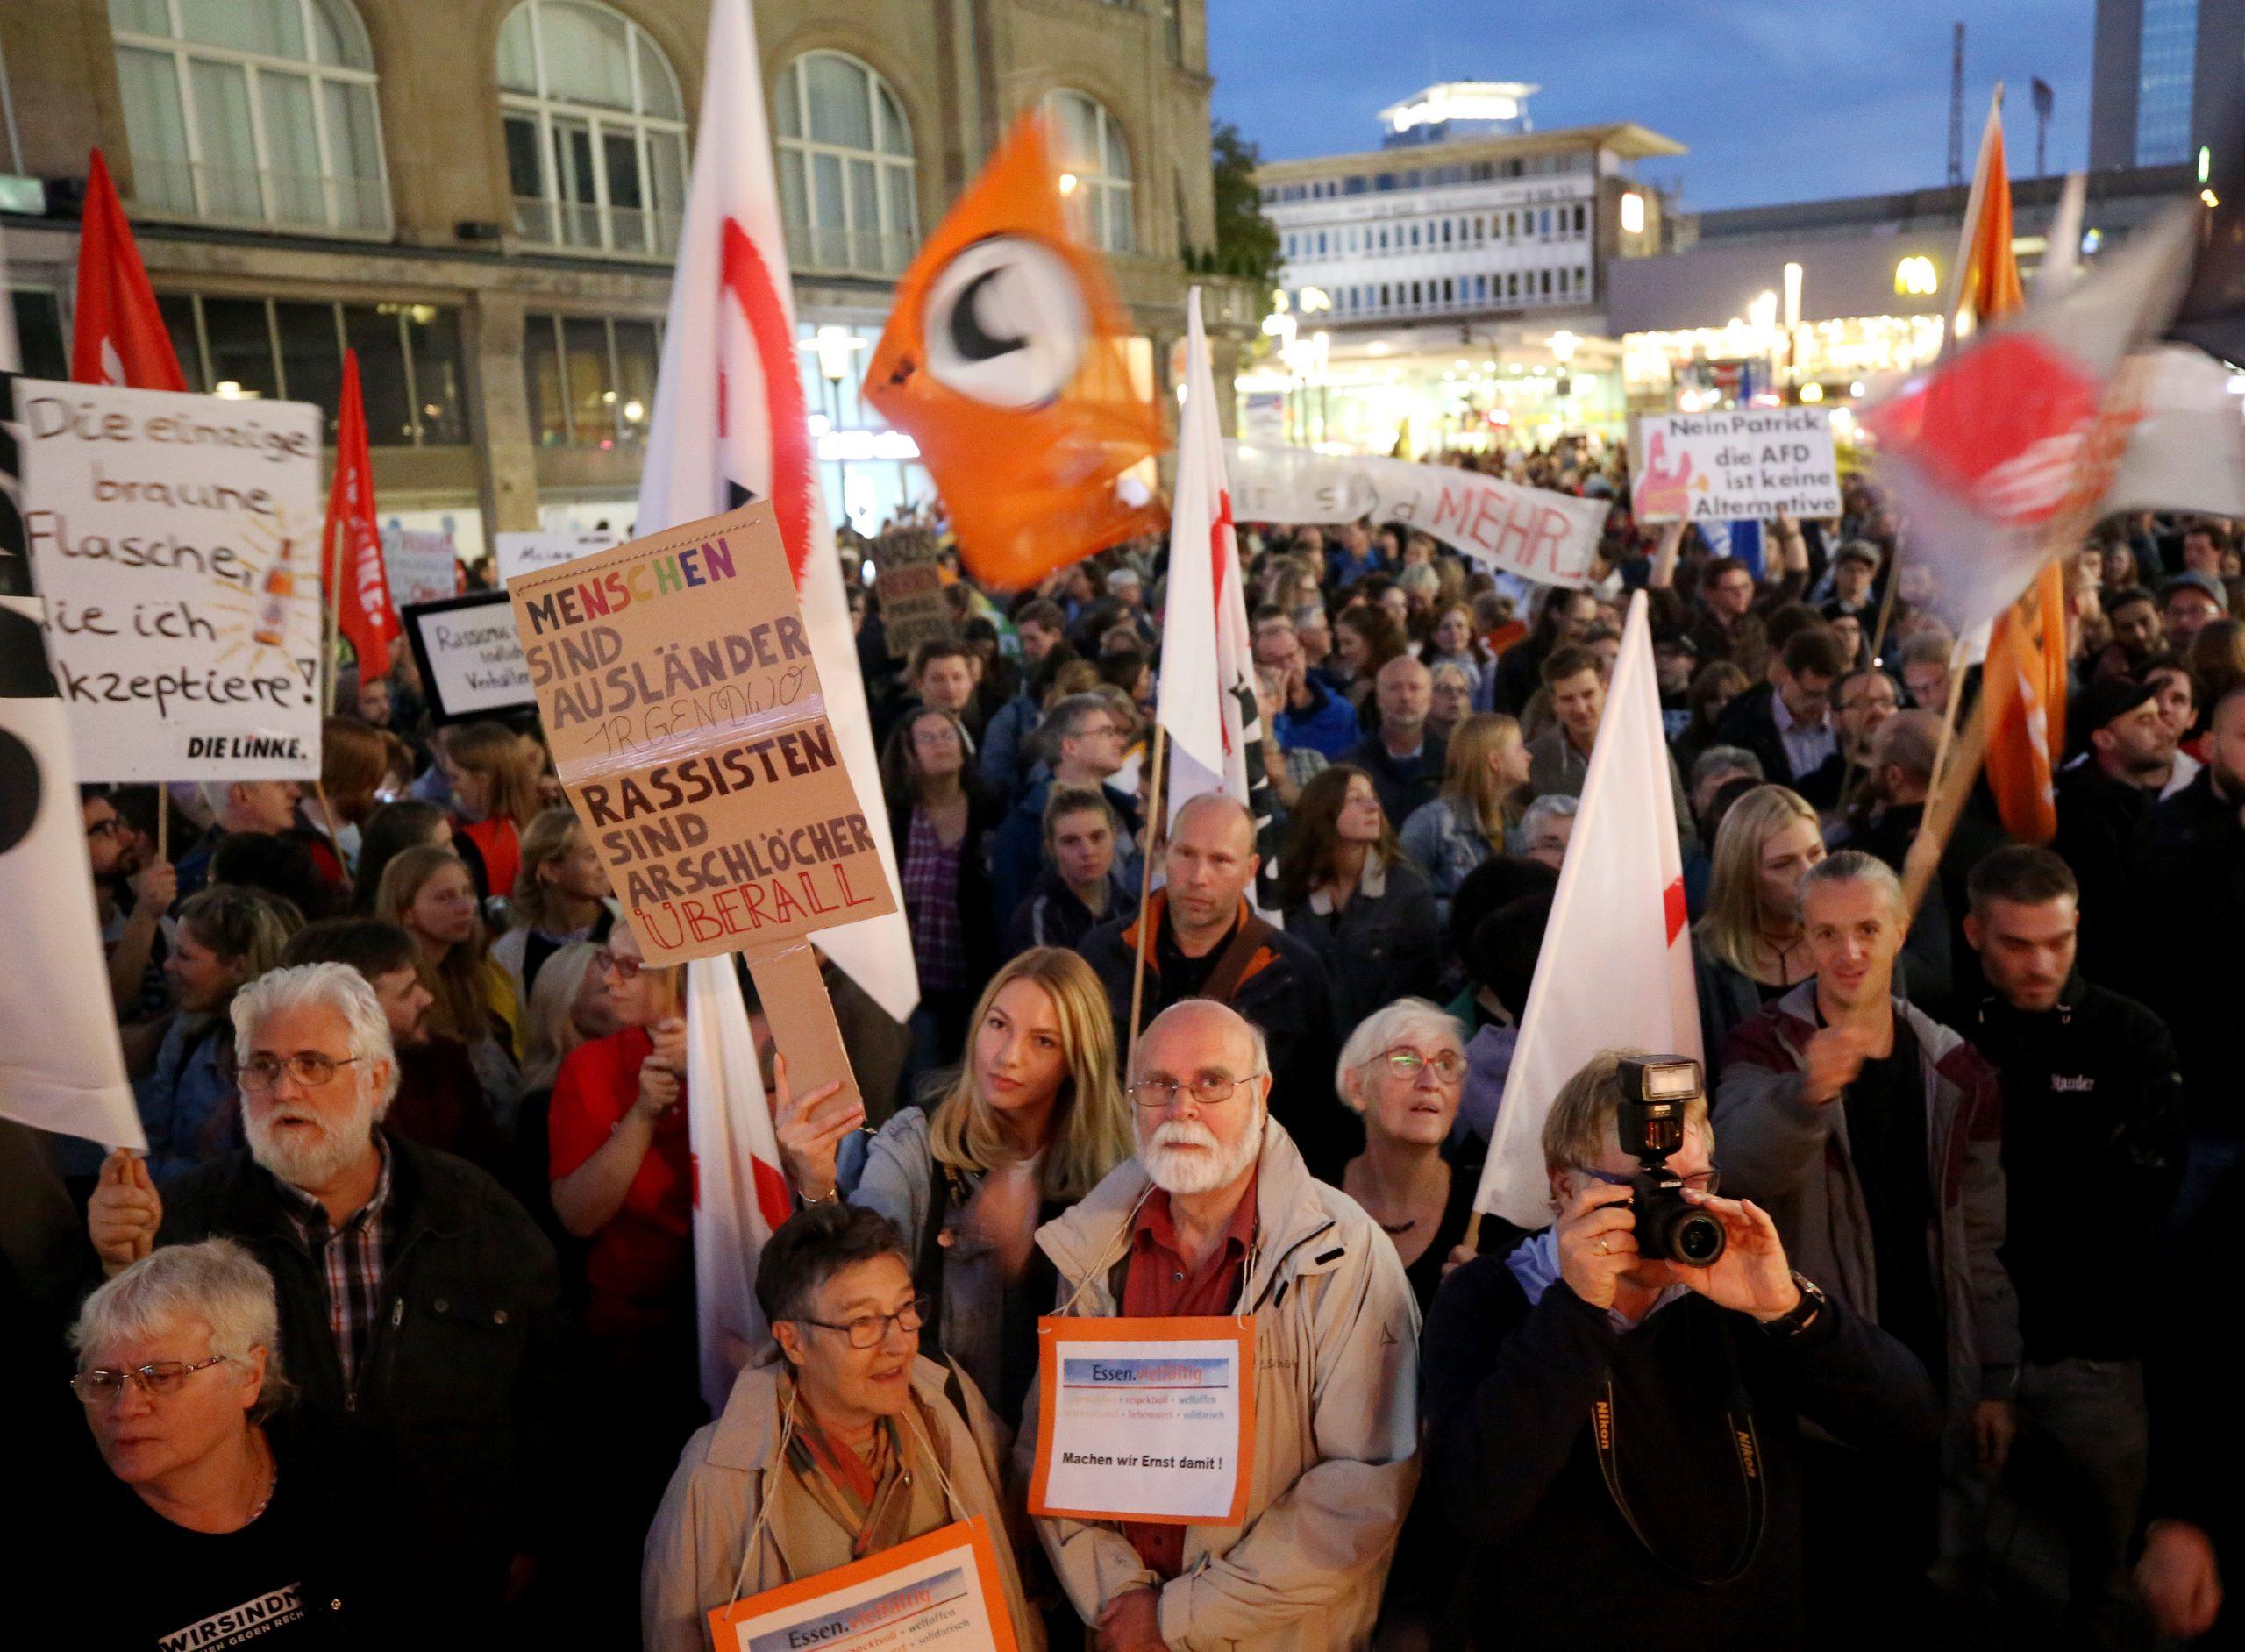 Vorwurf rassistischer Kontrollen: Polizei zeigt linkes Bündnis an